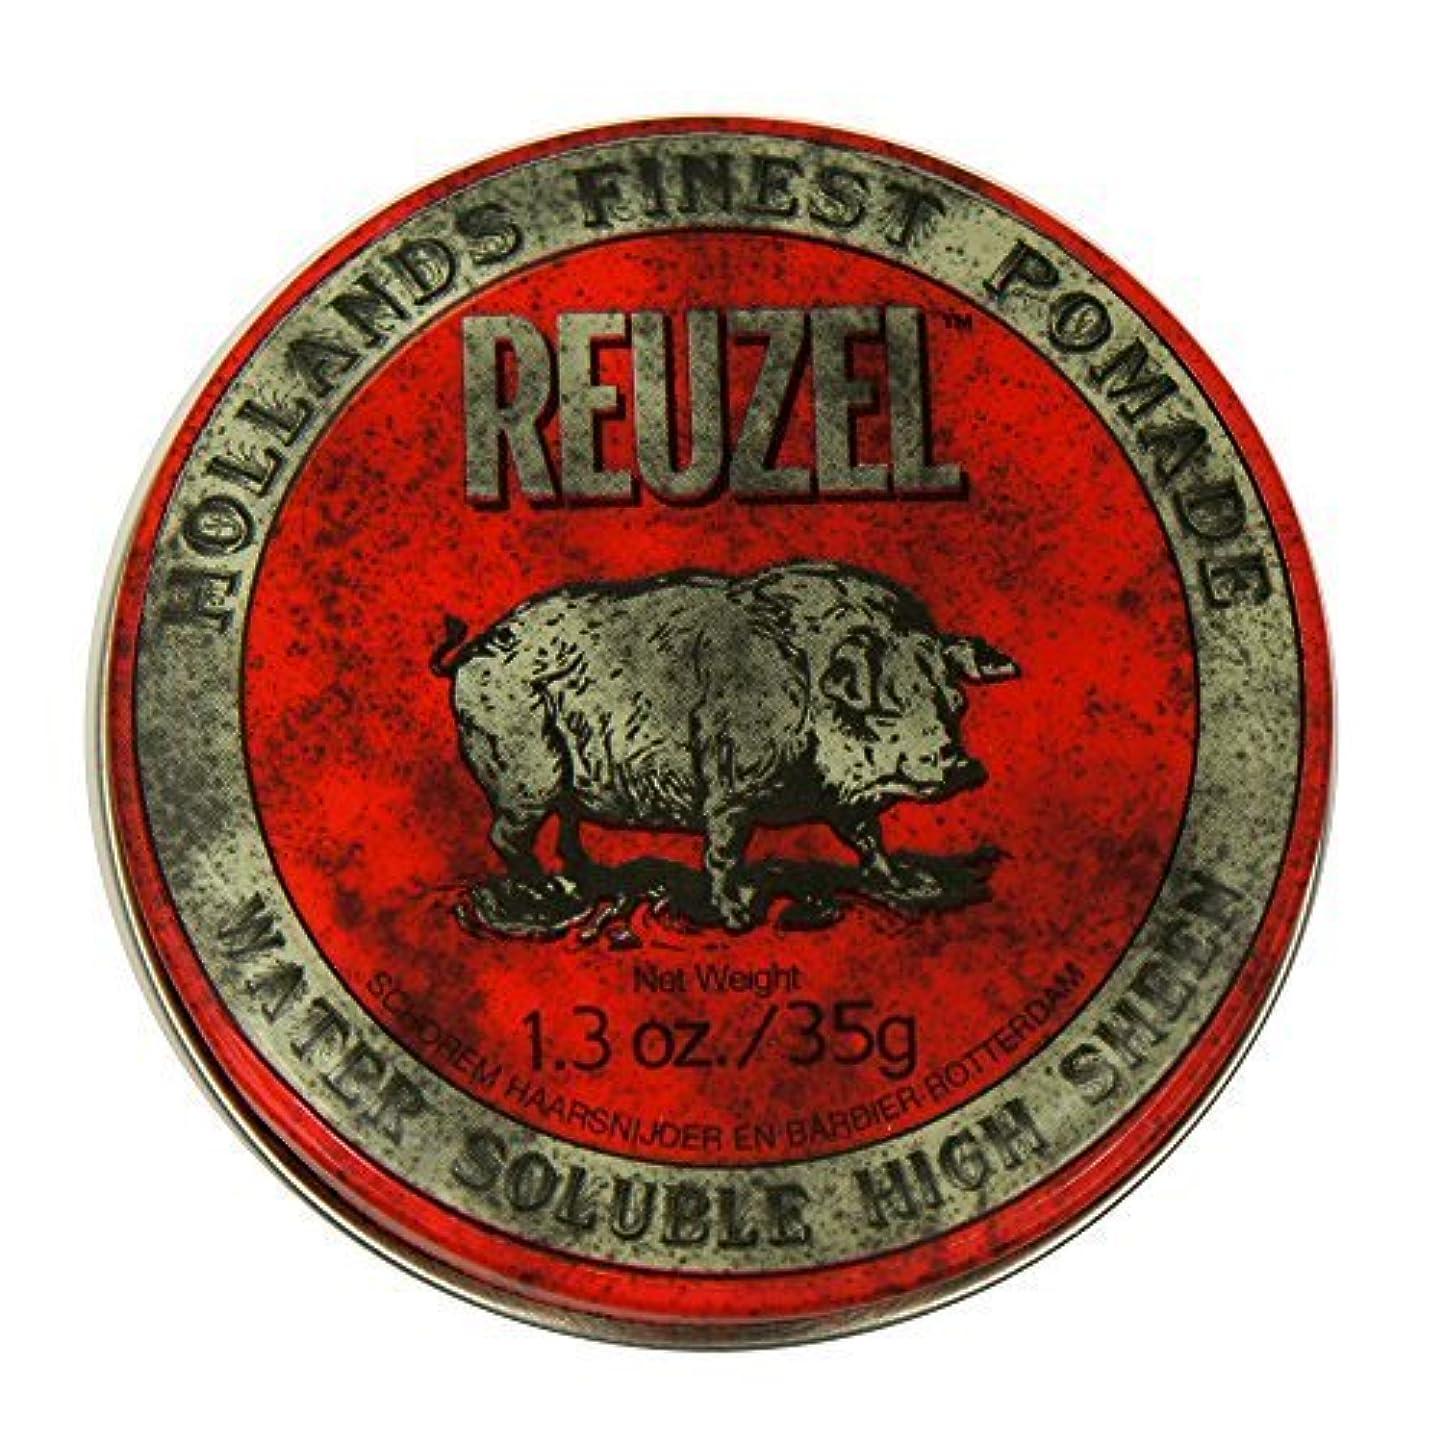 出くわすプールしなやかReuzel Red Hair Pomade Piglet 1.3oz [並行輸入品]